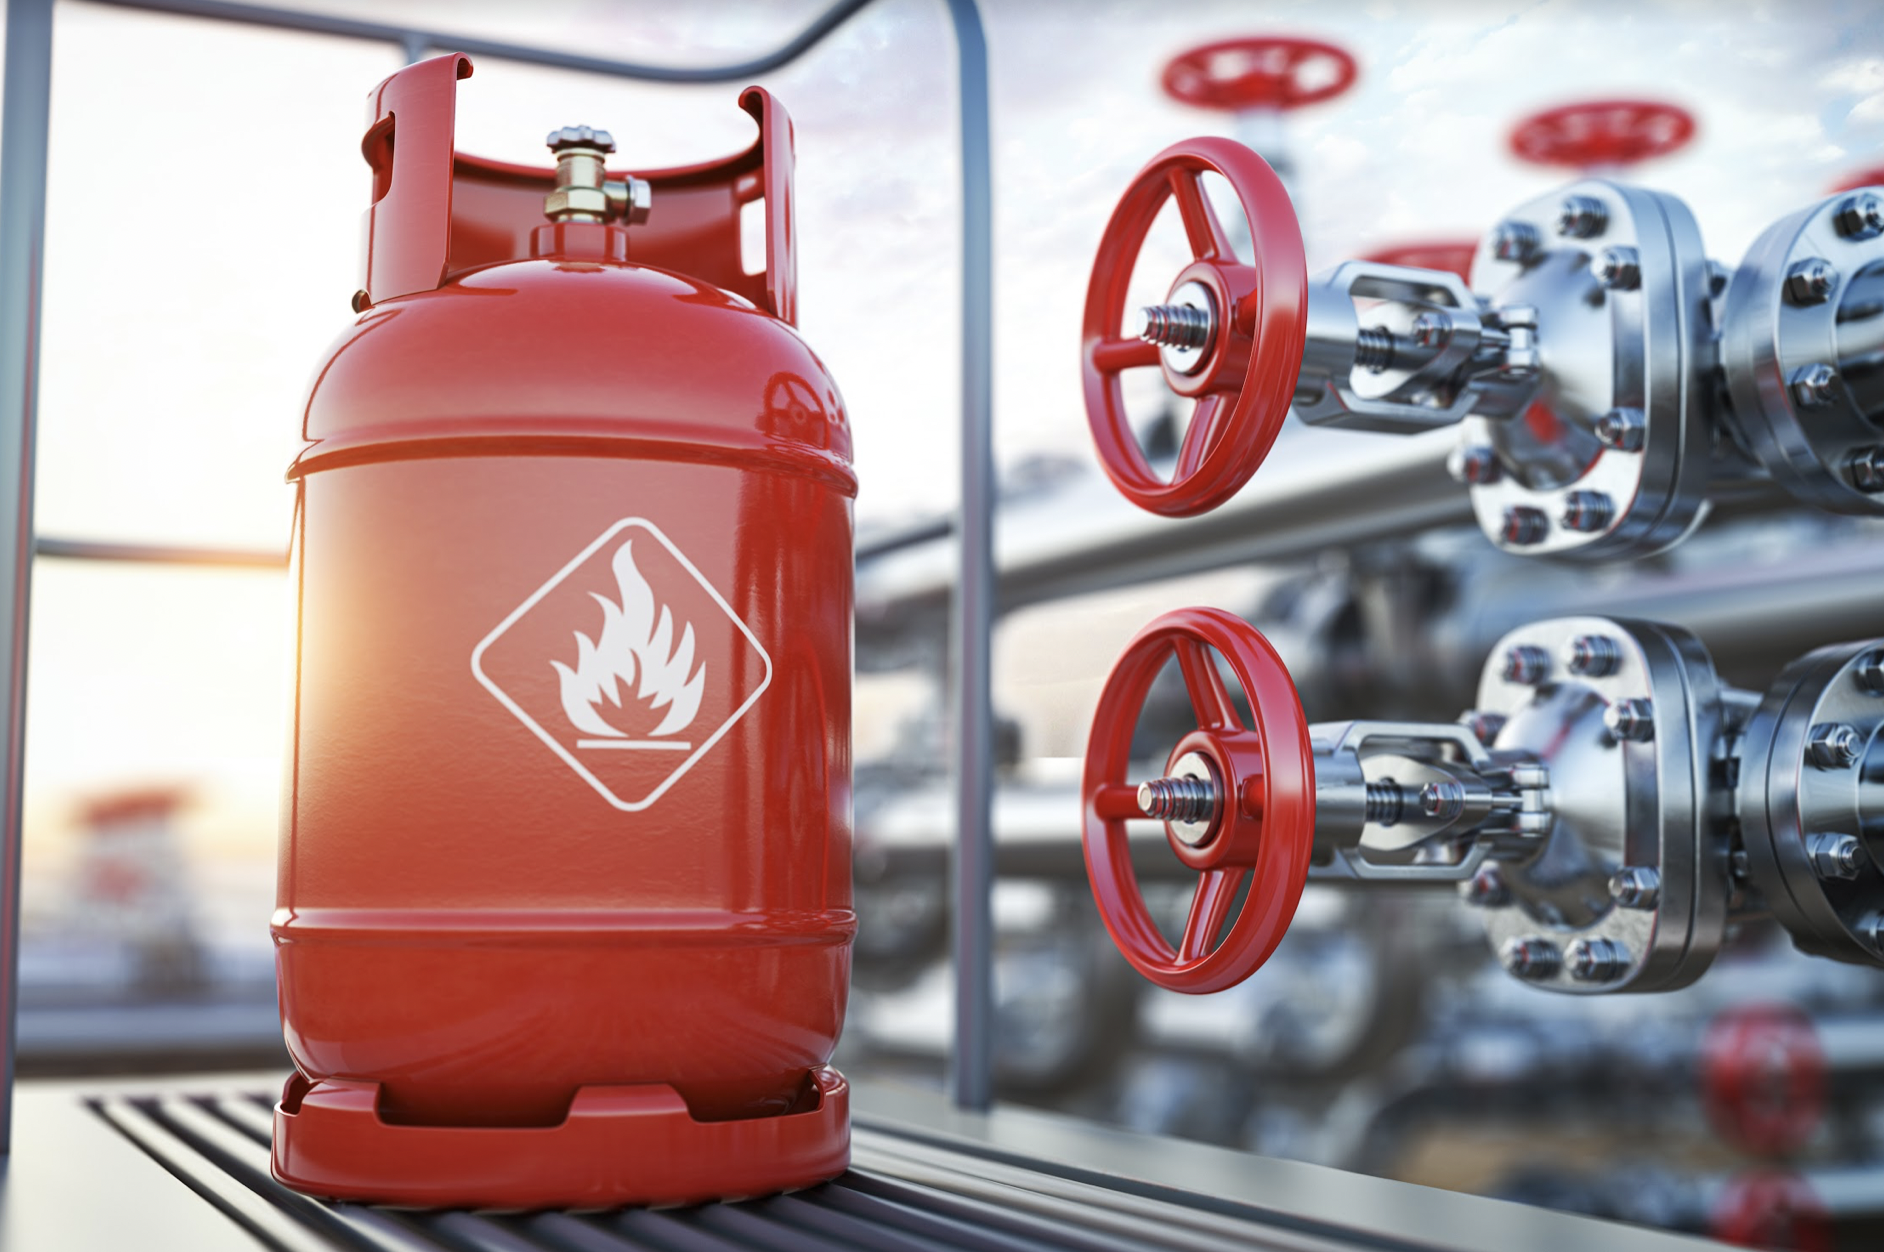 bulk fuel supplier safety